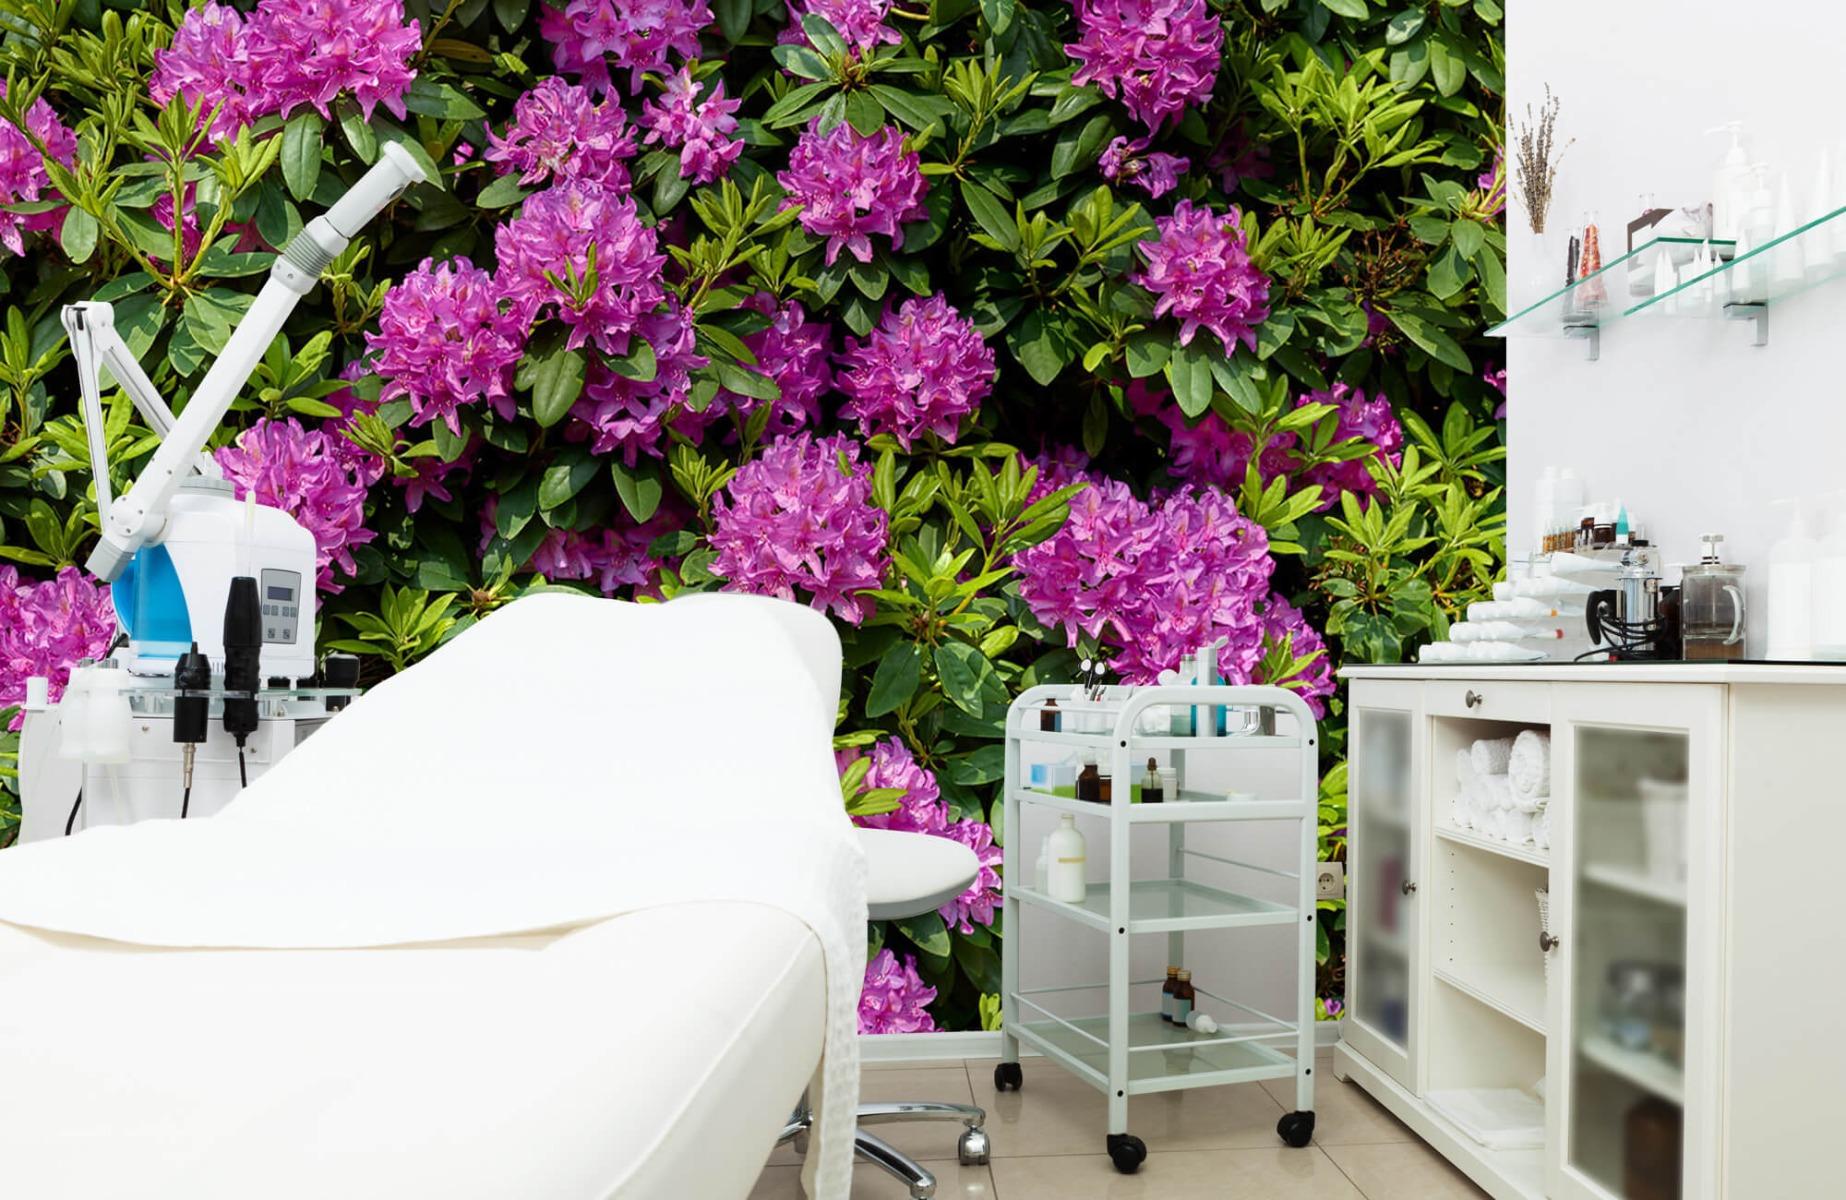 Bloemenvelden - Rododendrons - Wallexclusive - Slaapkamer 4